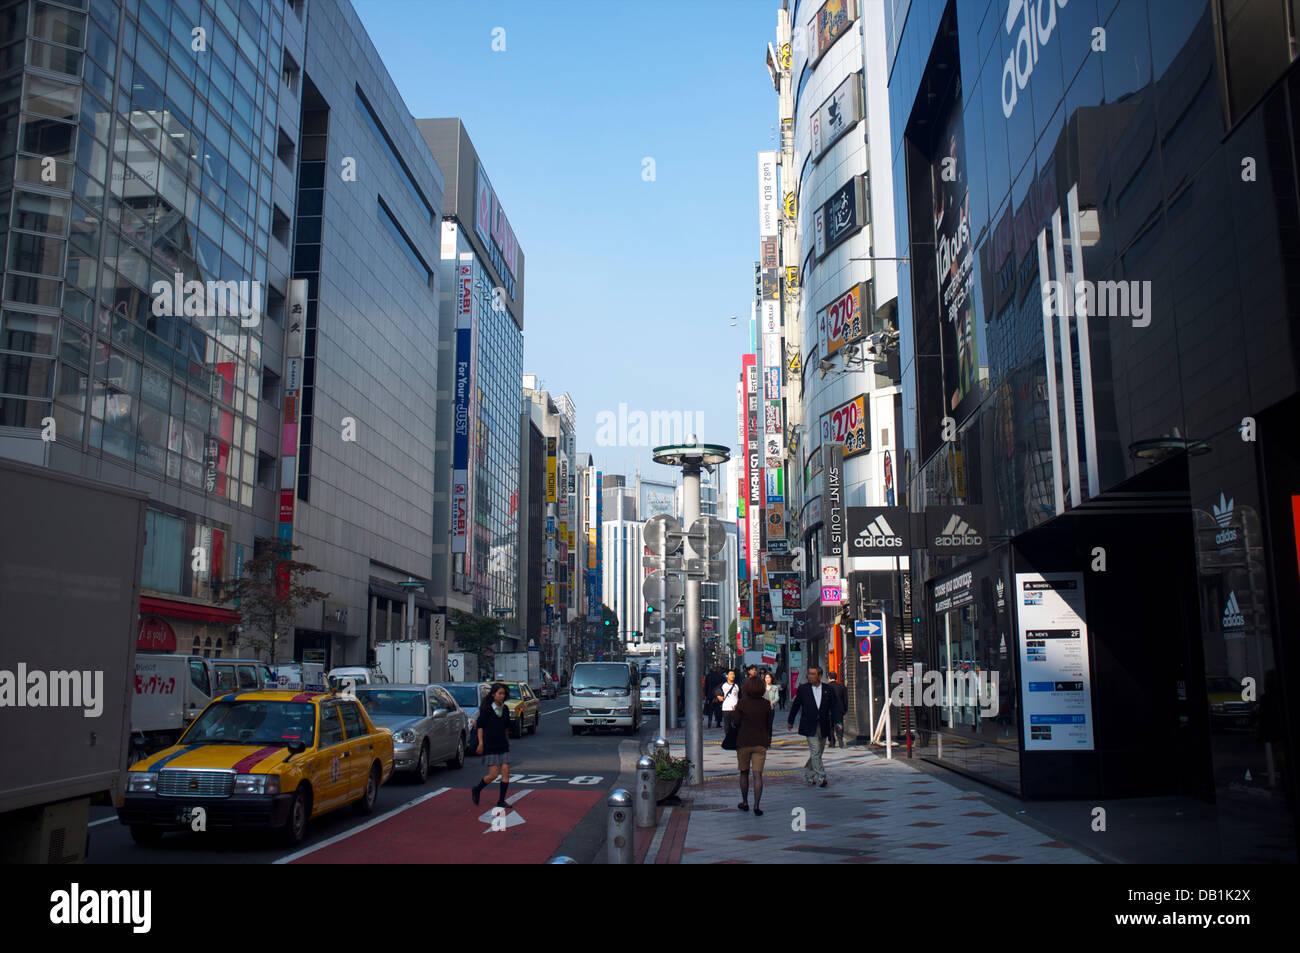 Shibuya, Tokyo, Kanto, Japan - Stock Image